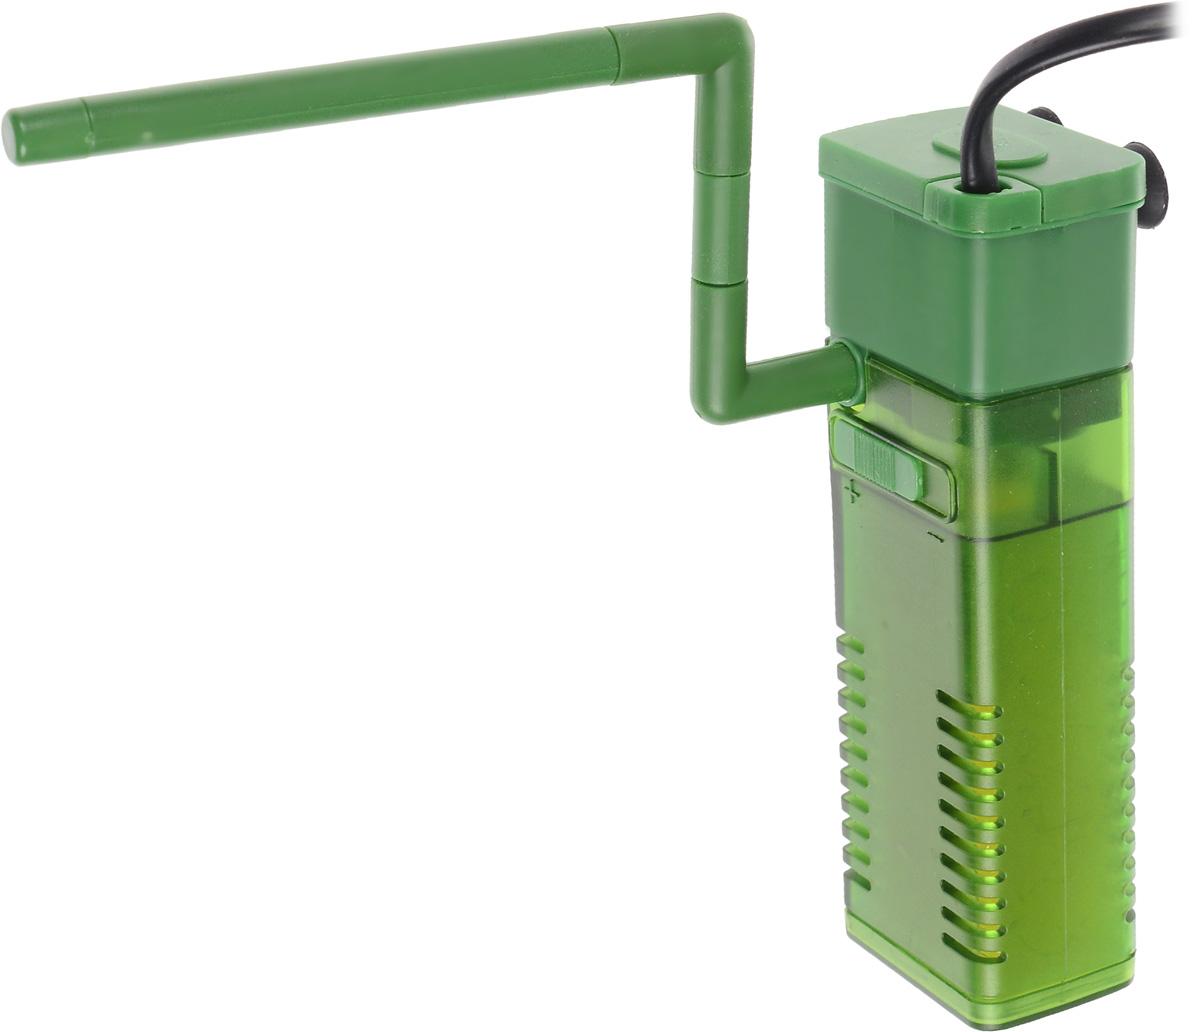 Фильтр для воды Barbus WP- 320F, аквариумный, с регулятором и флейтой, 500 л/ч